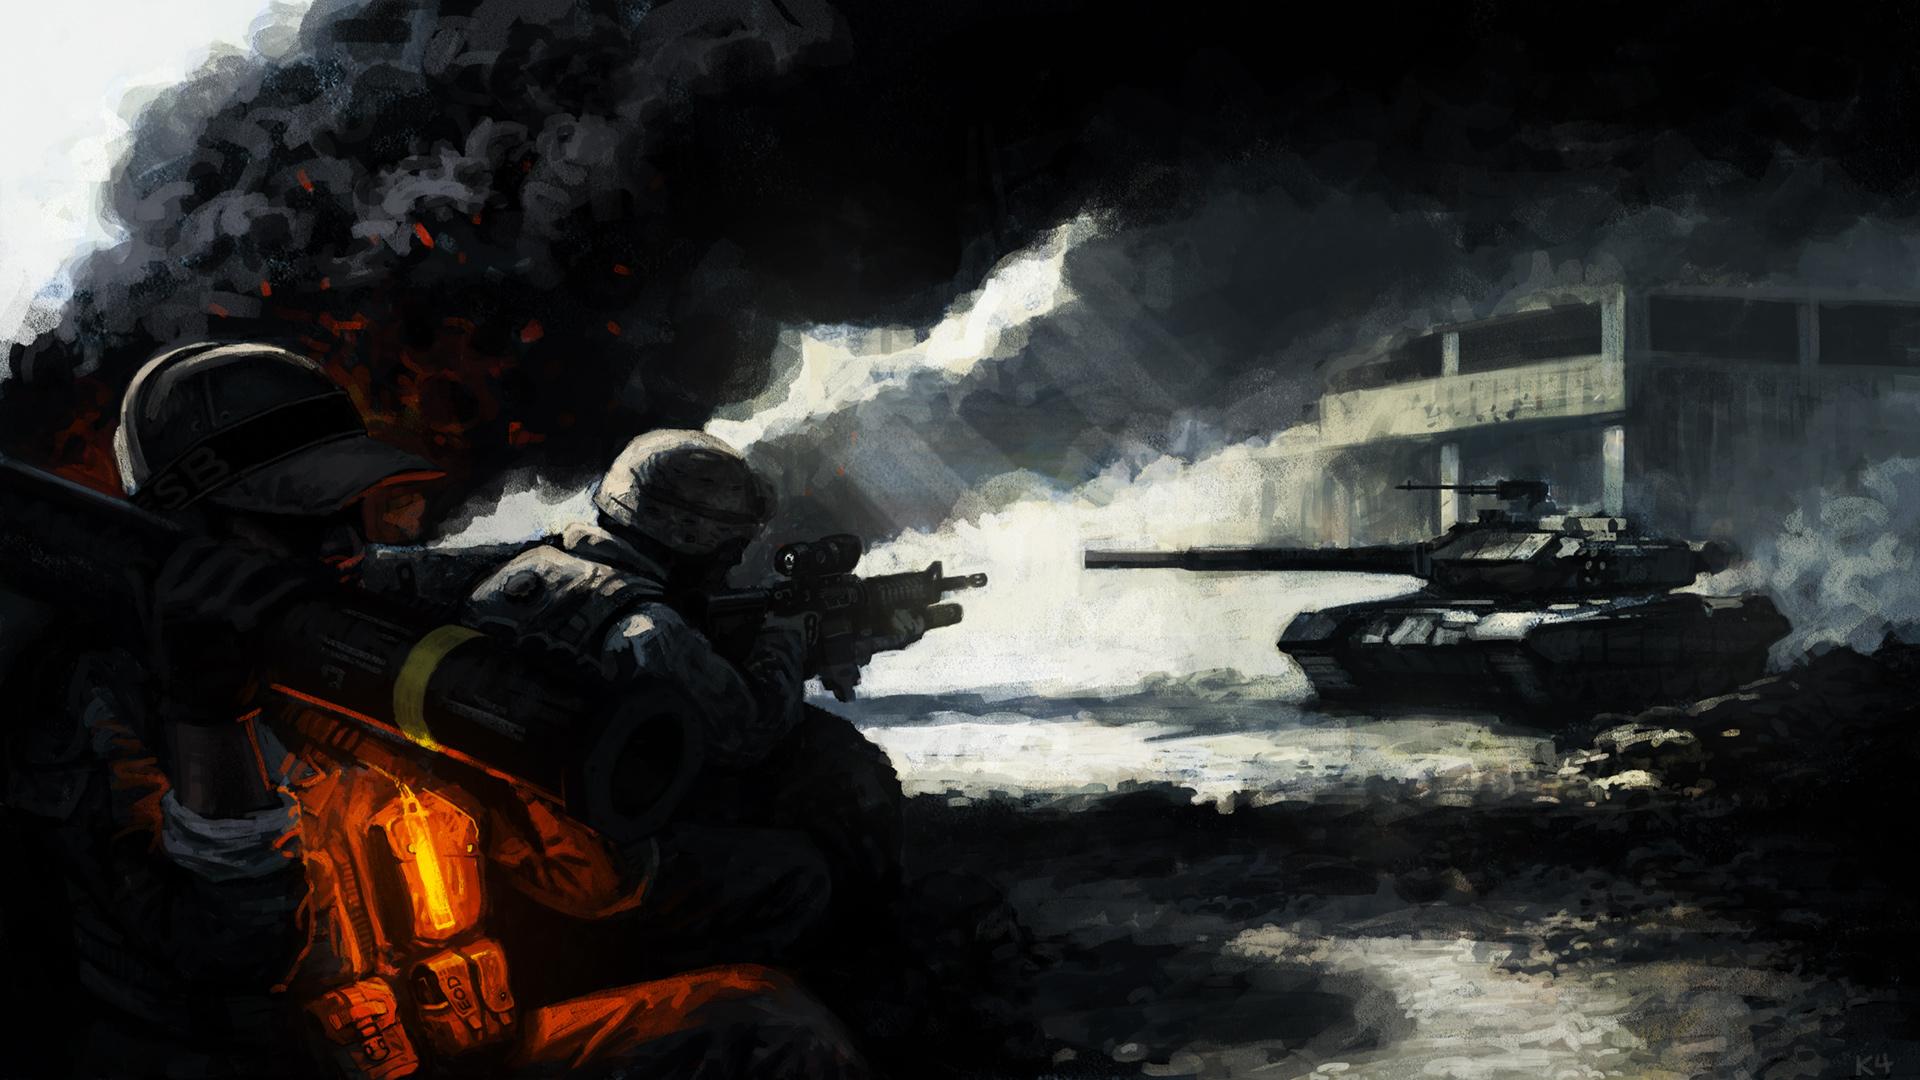 battlefield 3 wallpaper 1080p 1920x1080